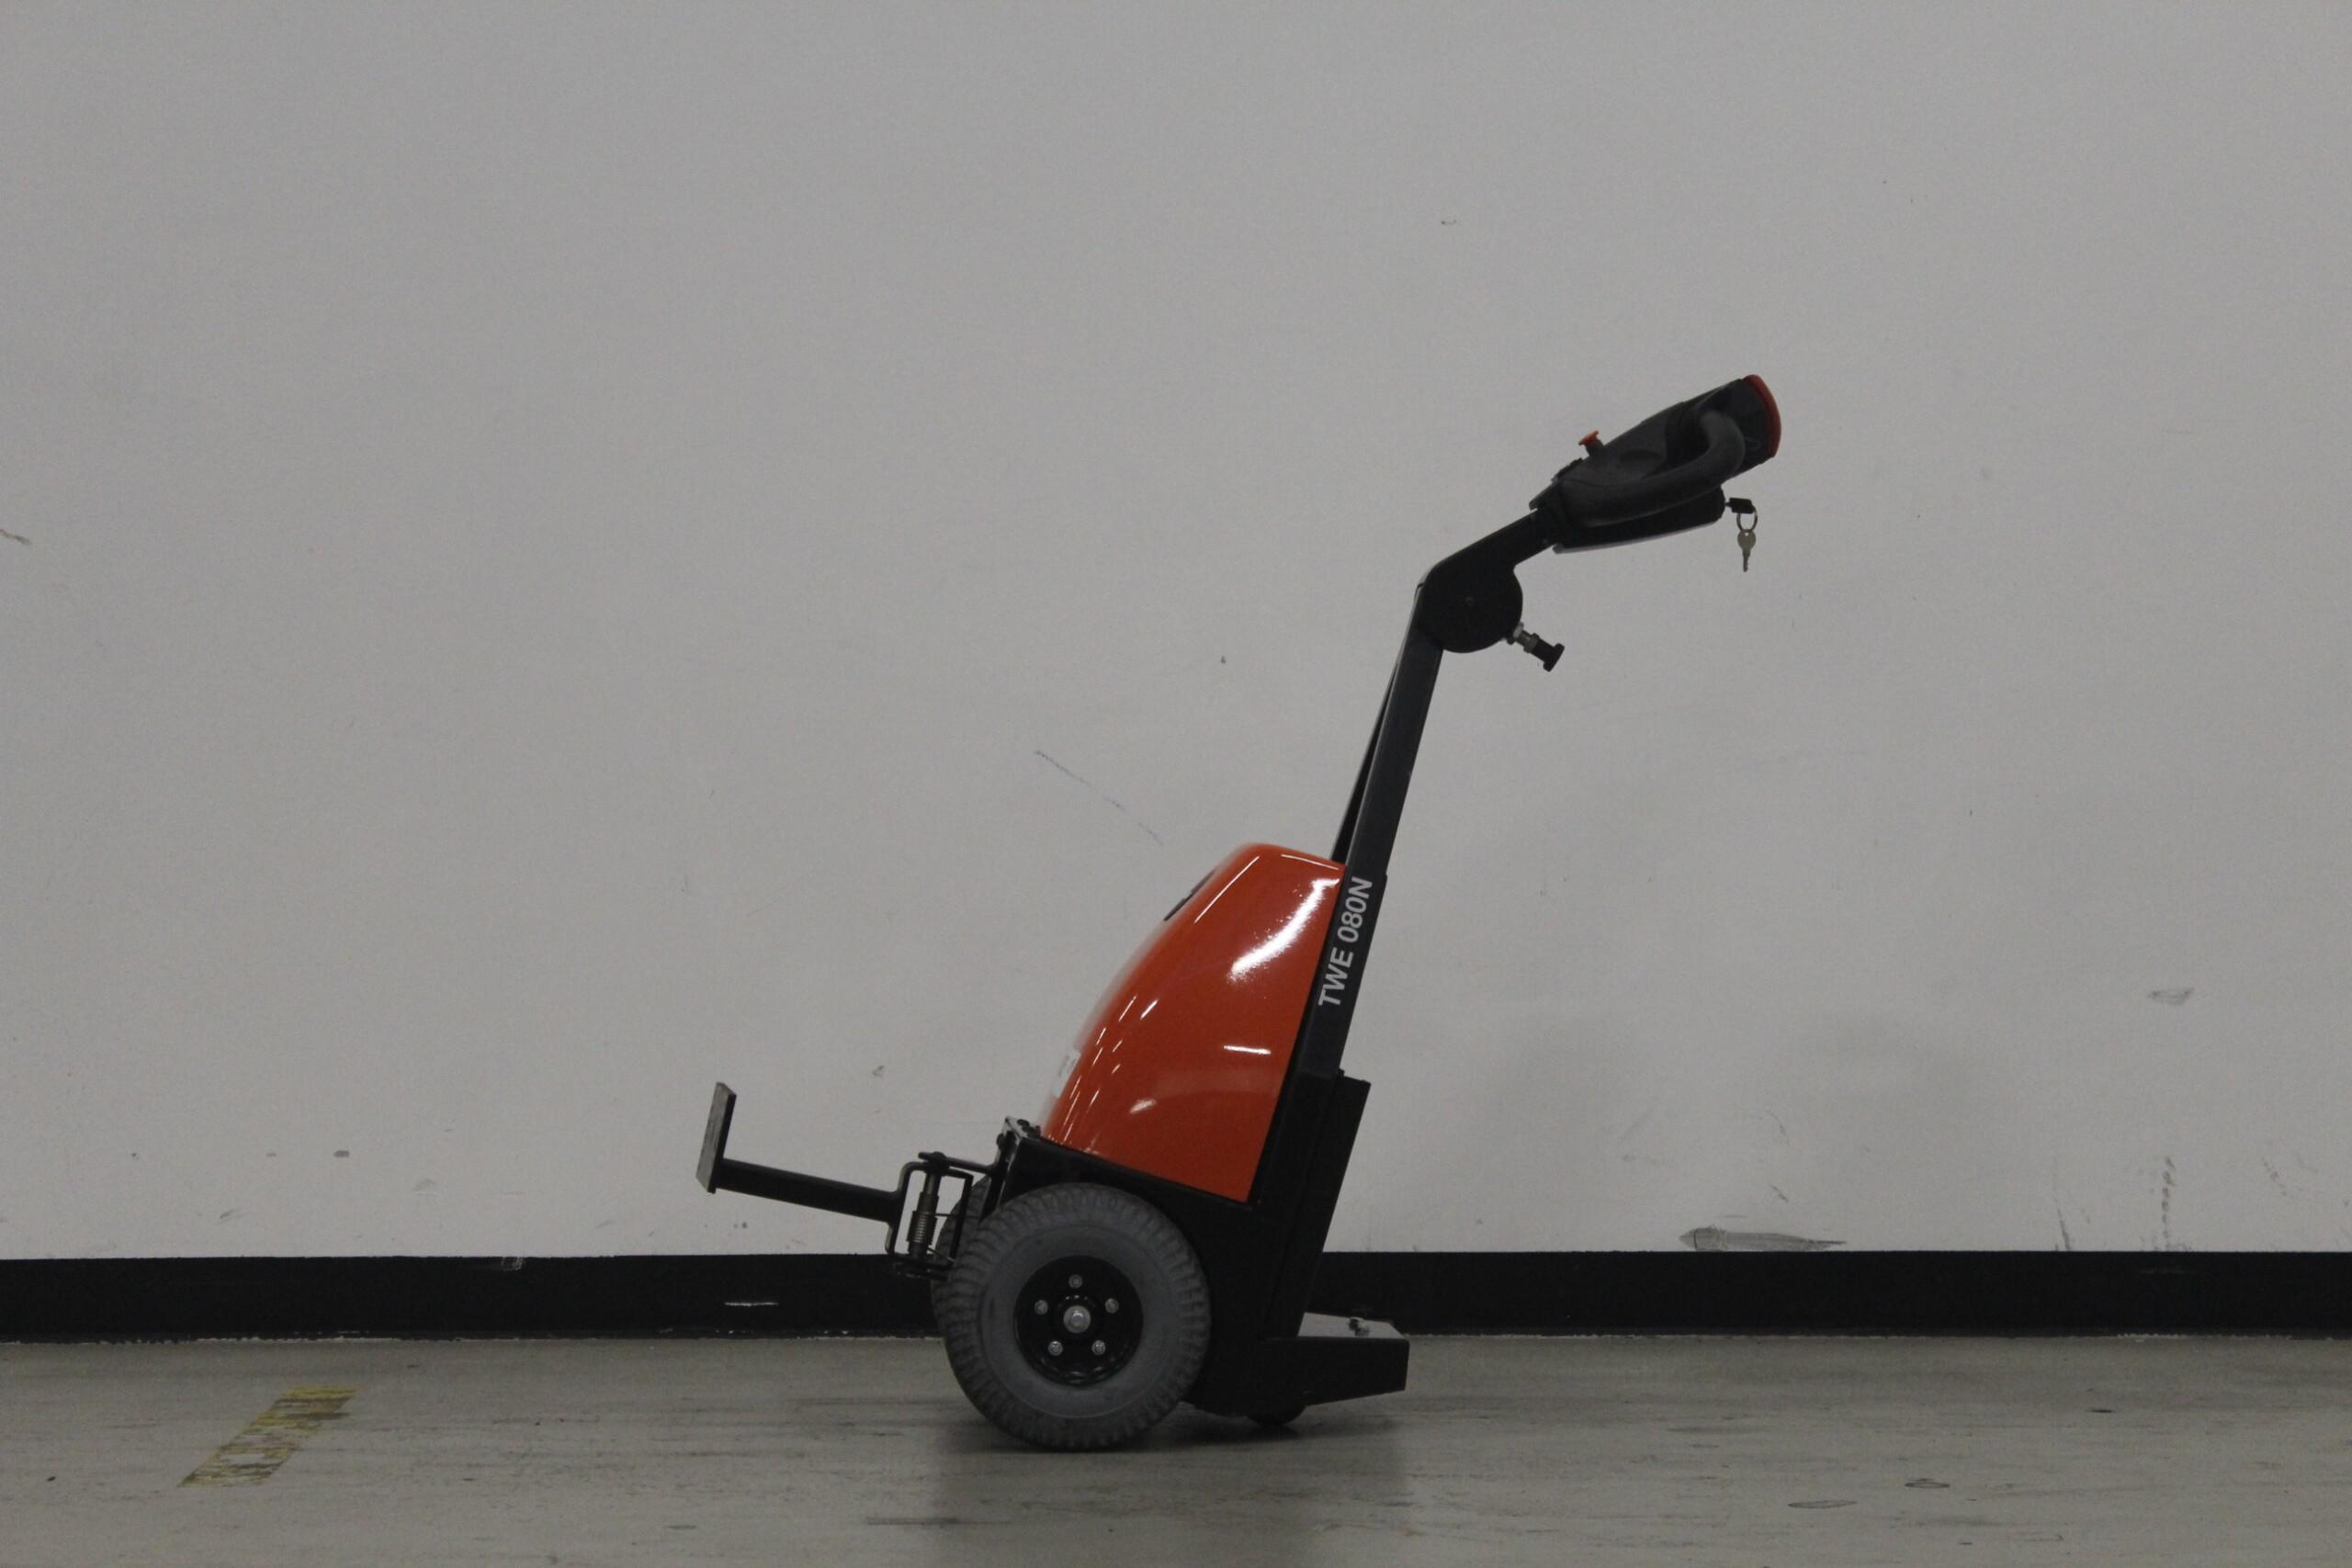 Toyota-Gabelstapler-59840 1707027001 1 60 scaled